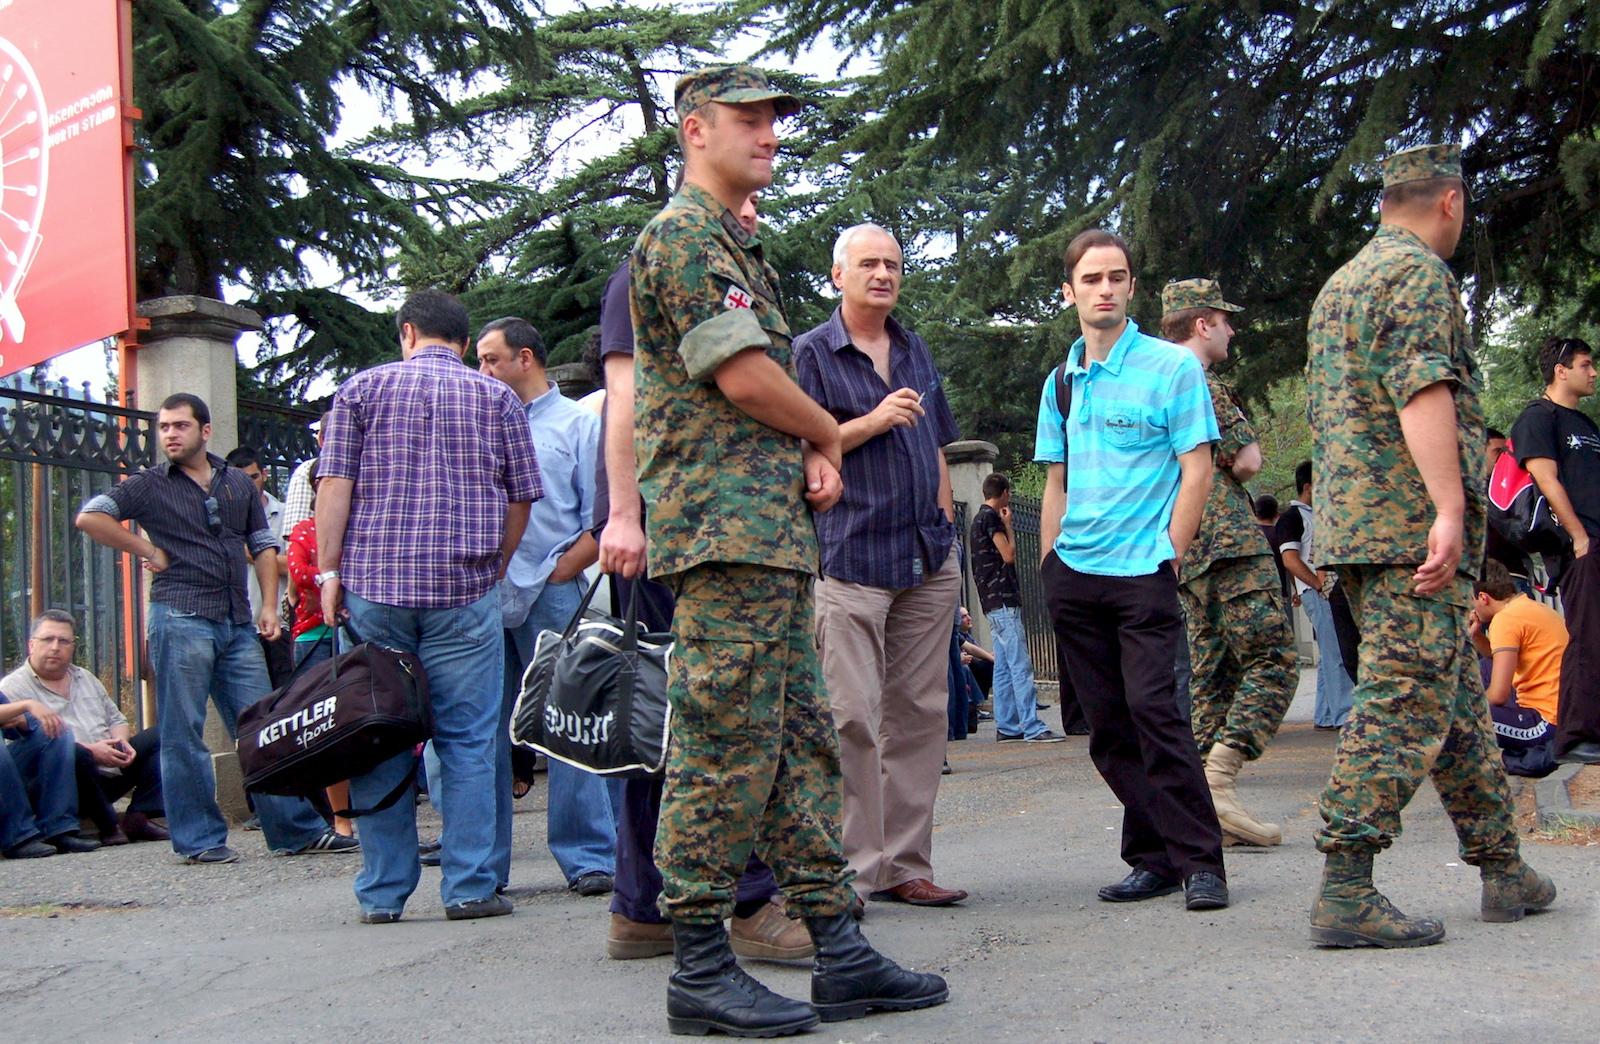 რეზერვისტები დინამოს სტადიონთან. 08.08.08 © EPA/STRINGER